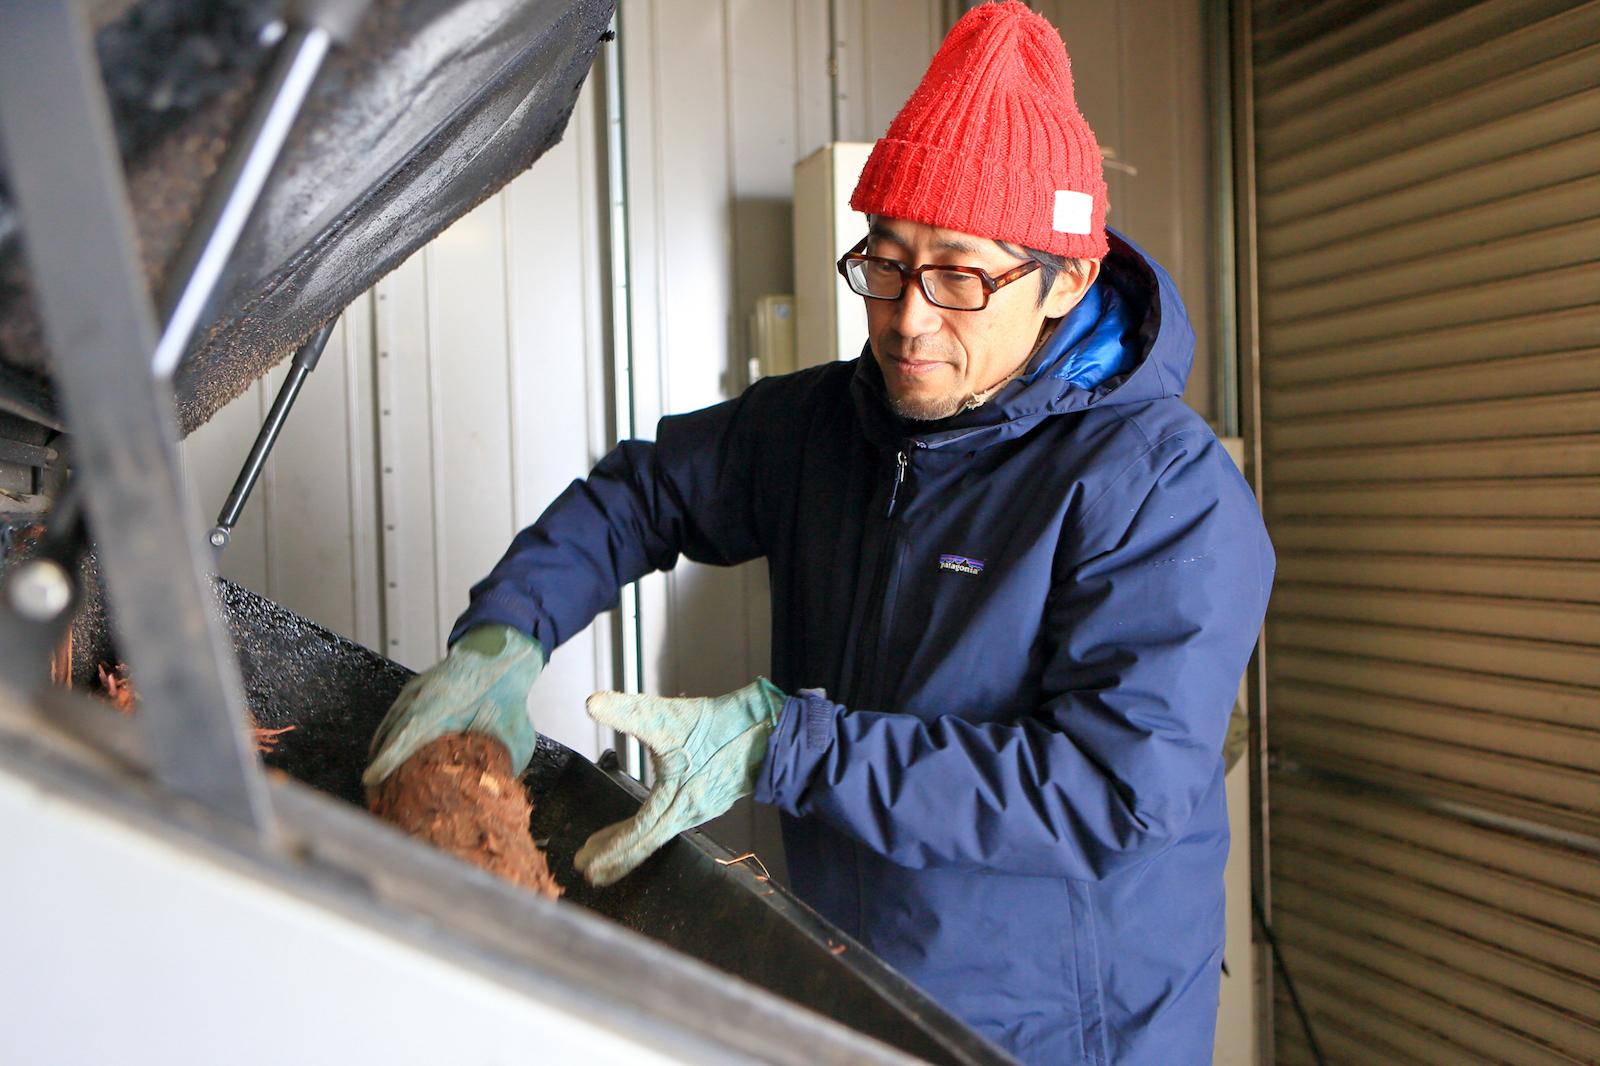 温泉施設に導入している薪ボイラーに薪を投入する井筒さん 写真提供:sonraku